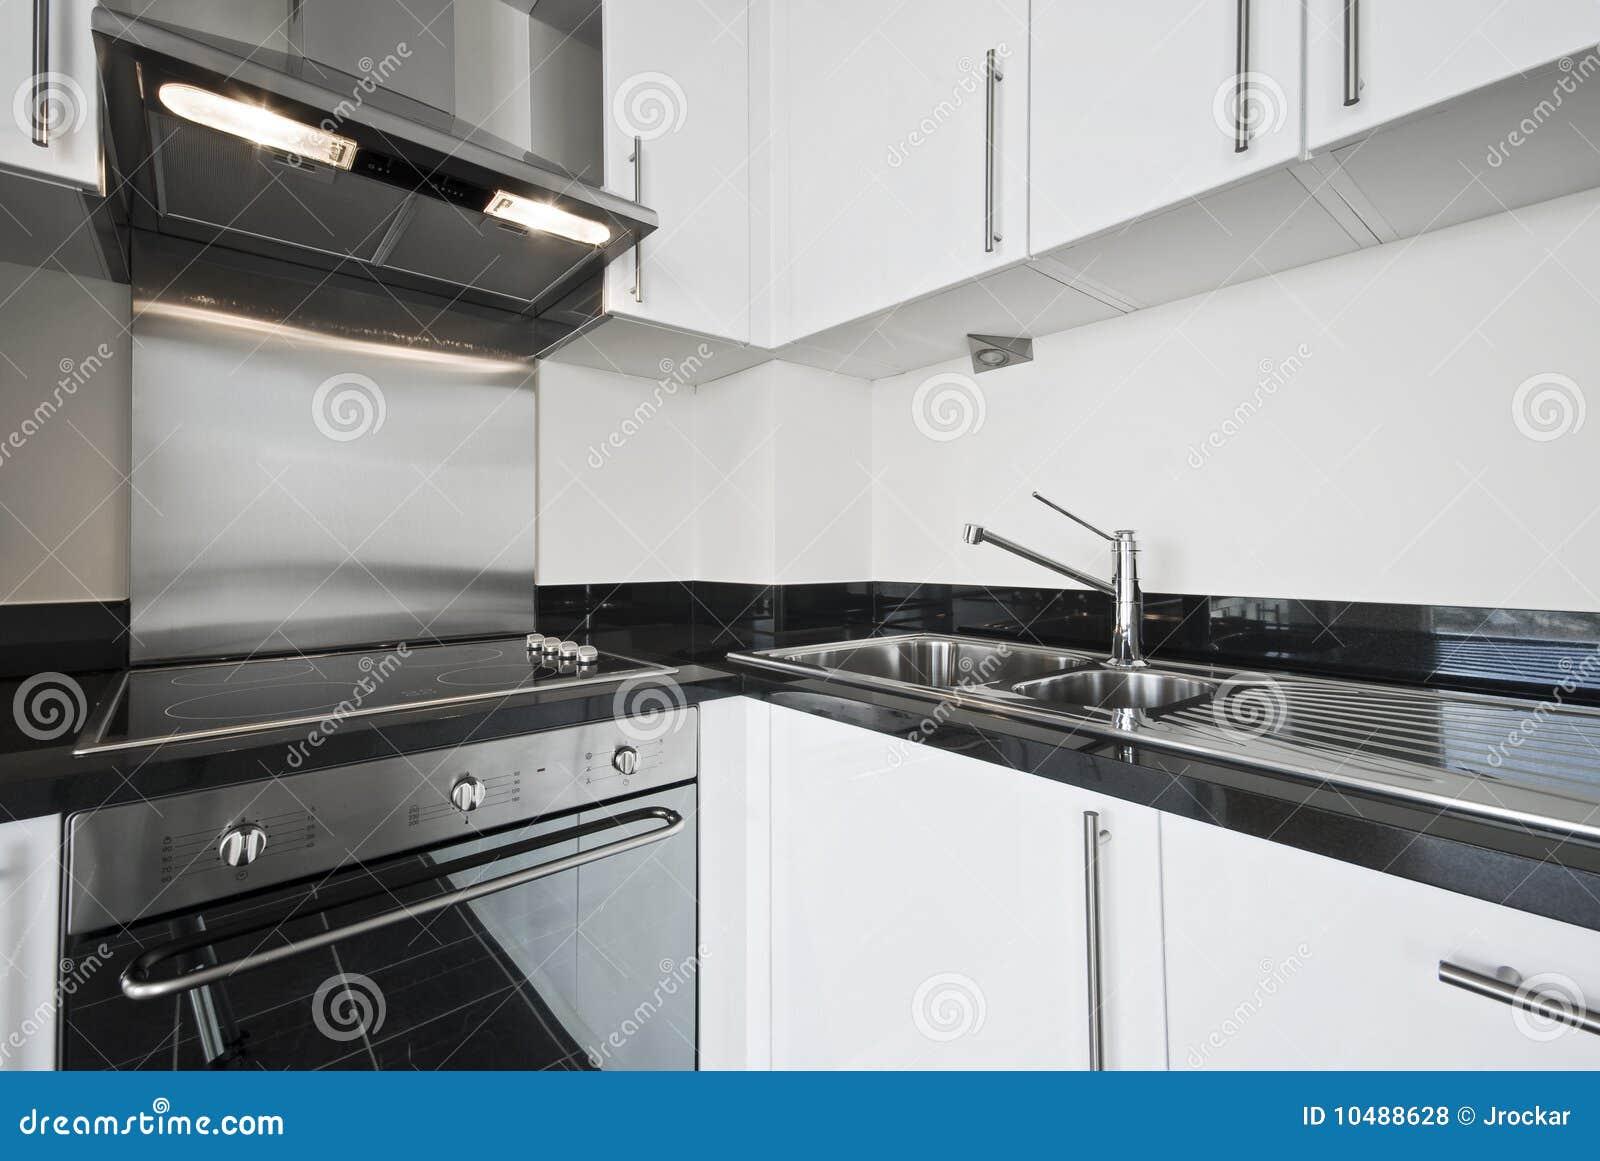 Cocina moderna blanca foto de archivo imagen de for Cocina moderna blanca 2016